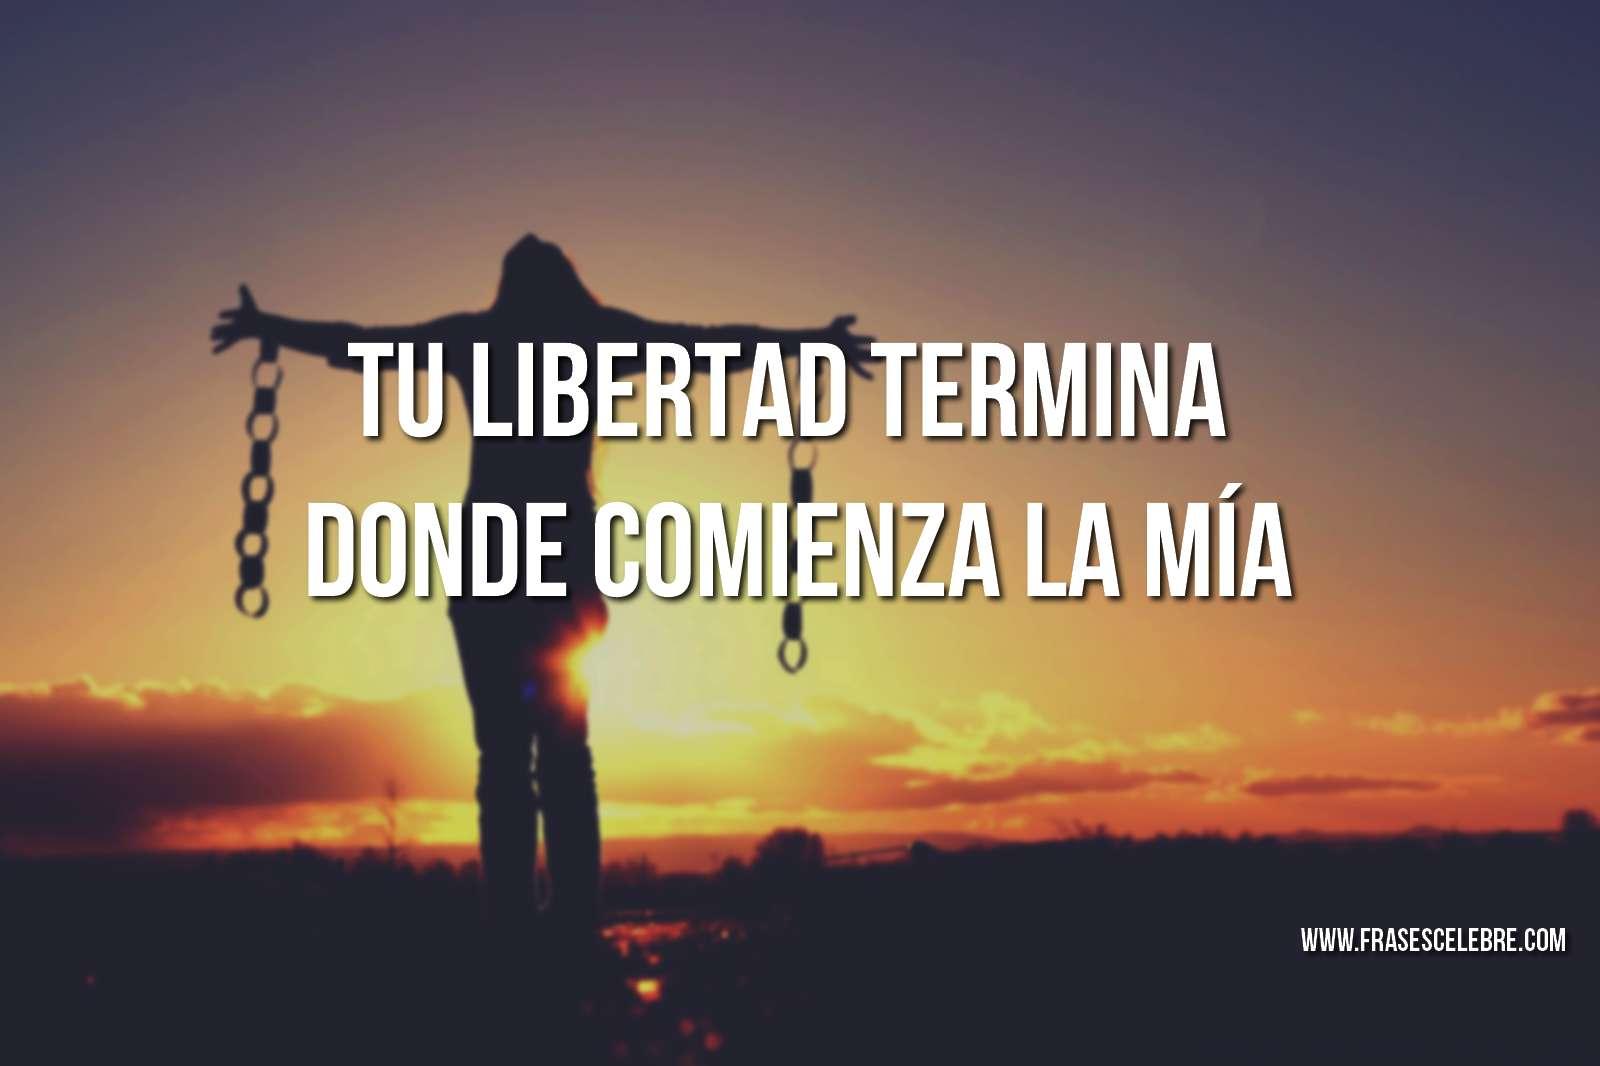 Imagenes De Frases Bonitas: Palabras Lindas El Mejor